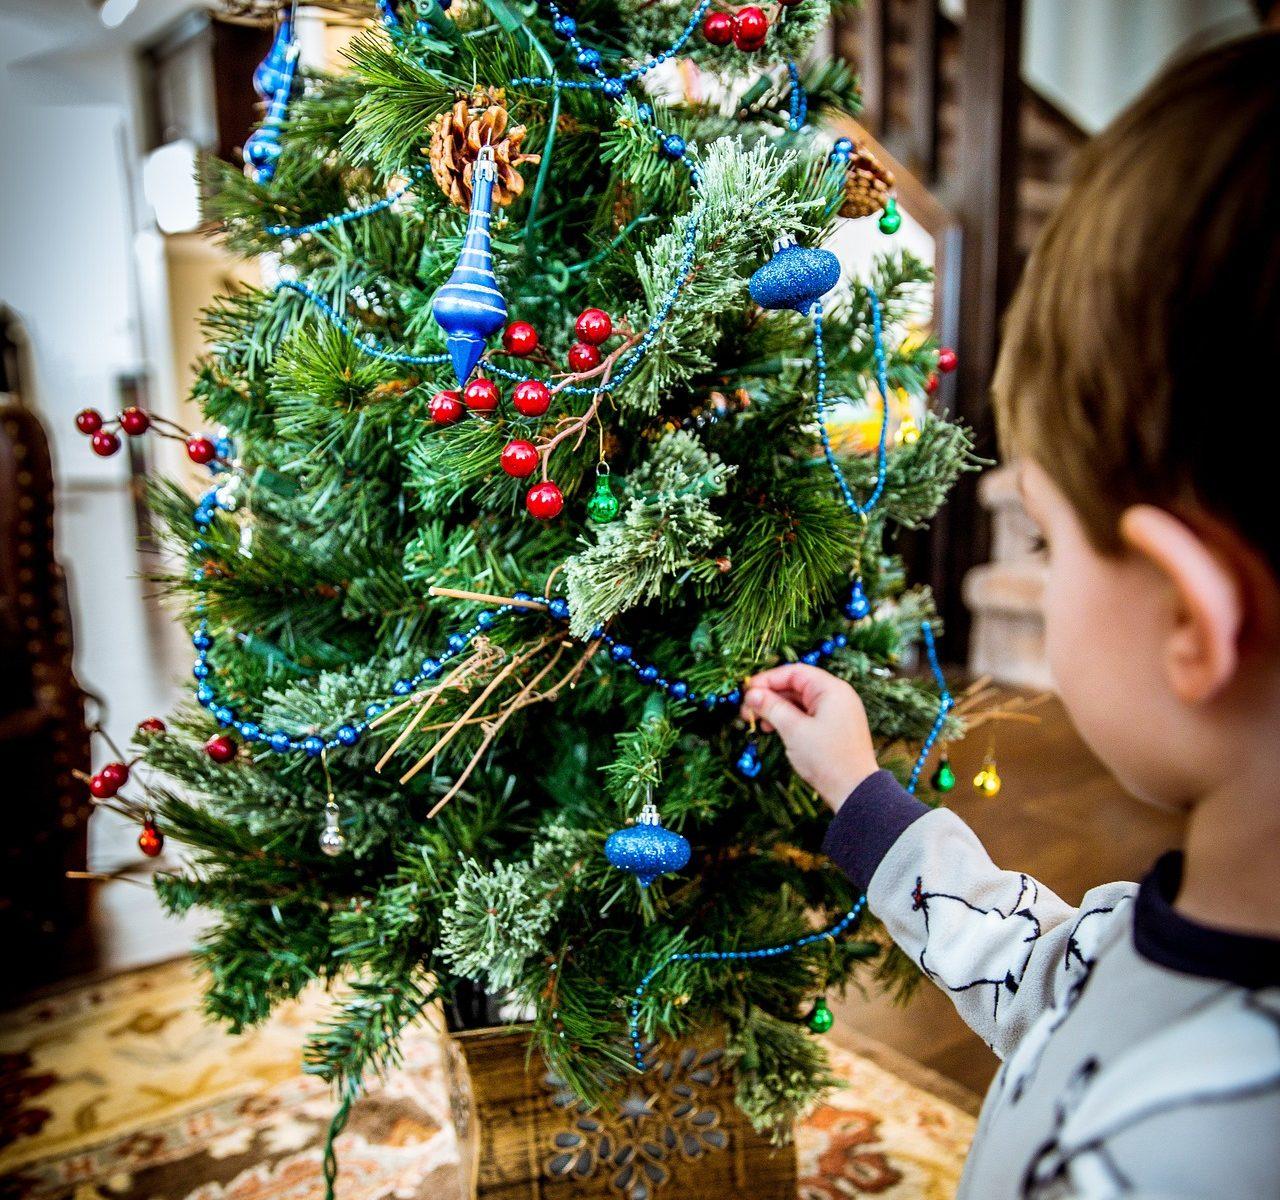 В Краснодарском крае у богатых Новый год точно будет, а бедным и онлайн-праздник сгодится